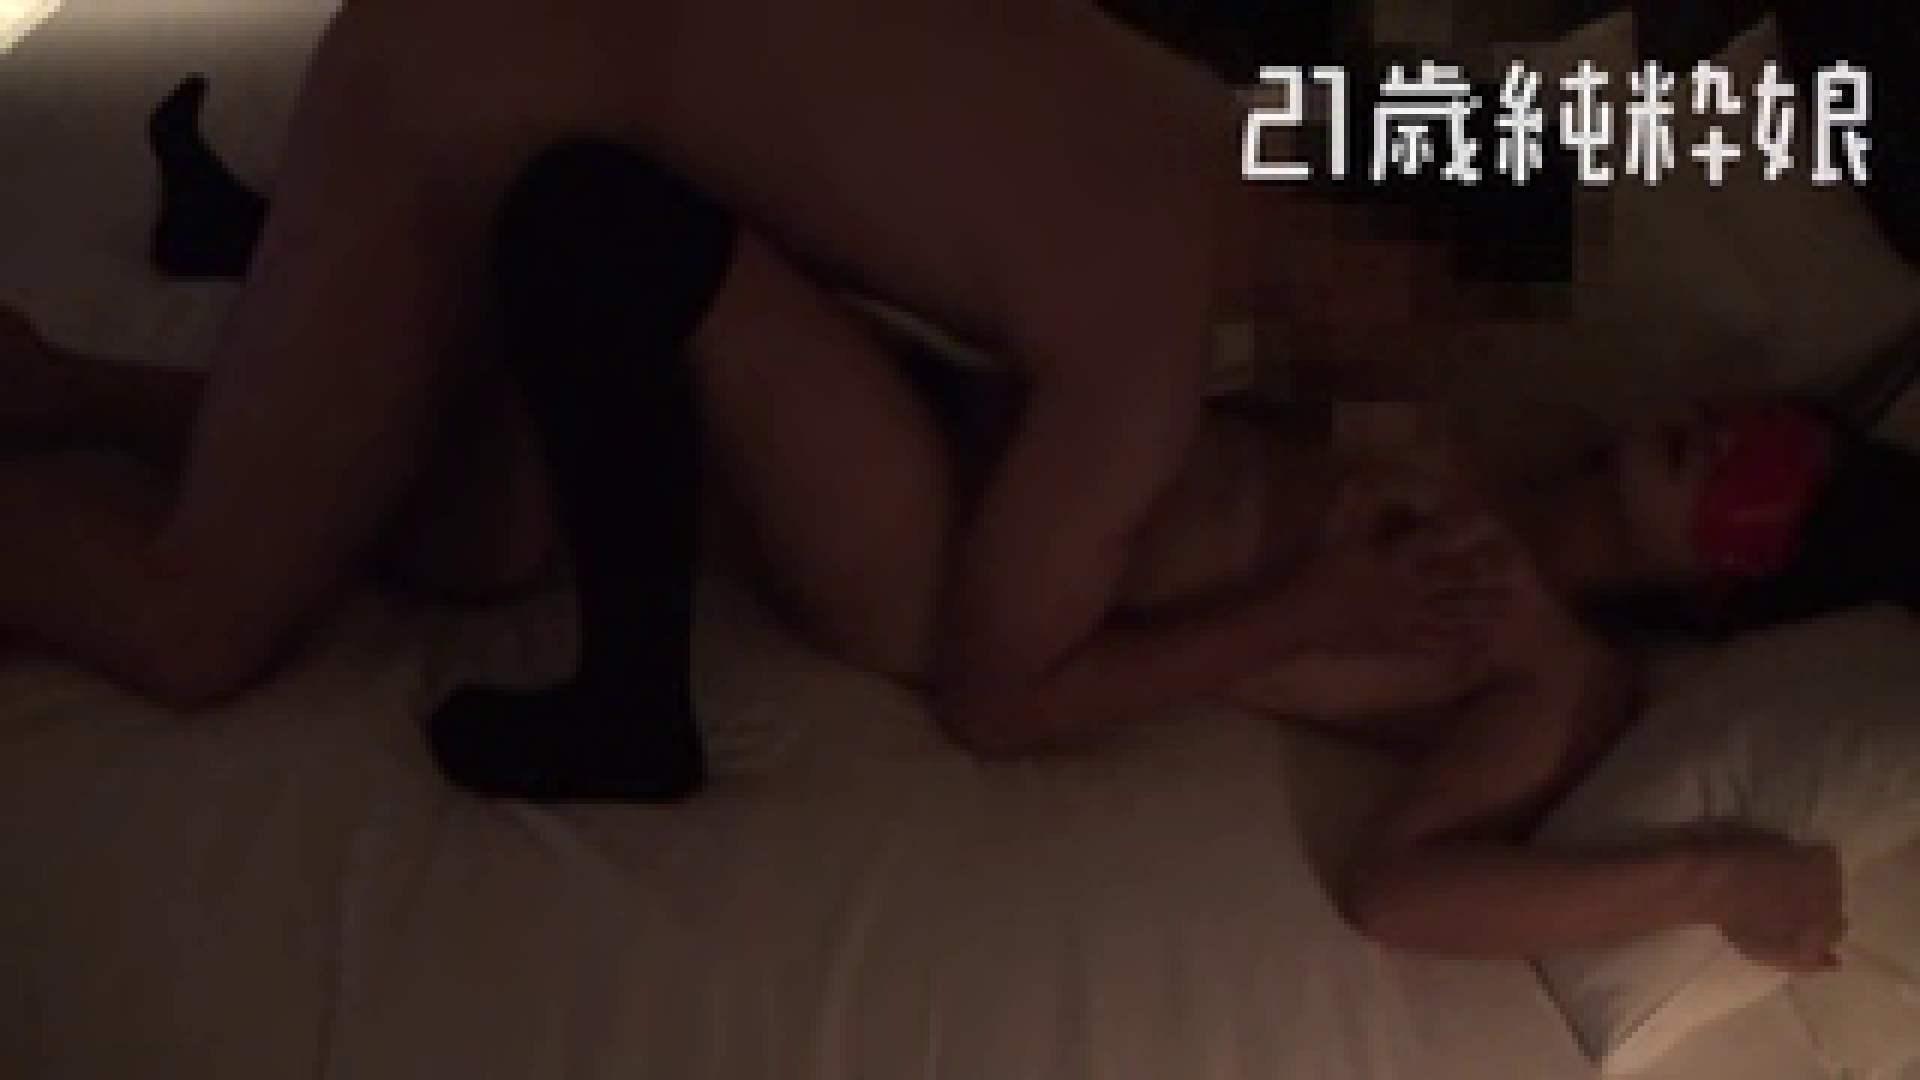 上京したばかりのGカップ21歳純粋嬢を都合の良い女にしてみた4 ホテル | ギャル達のおっぱい  96画像 59